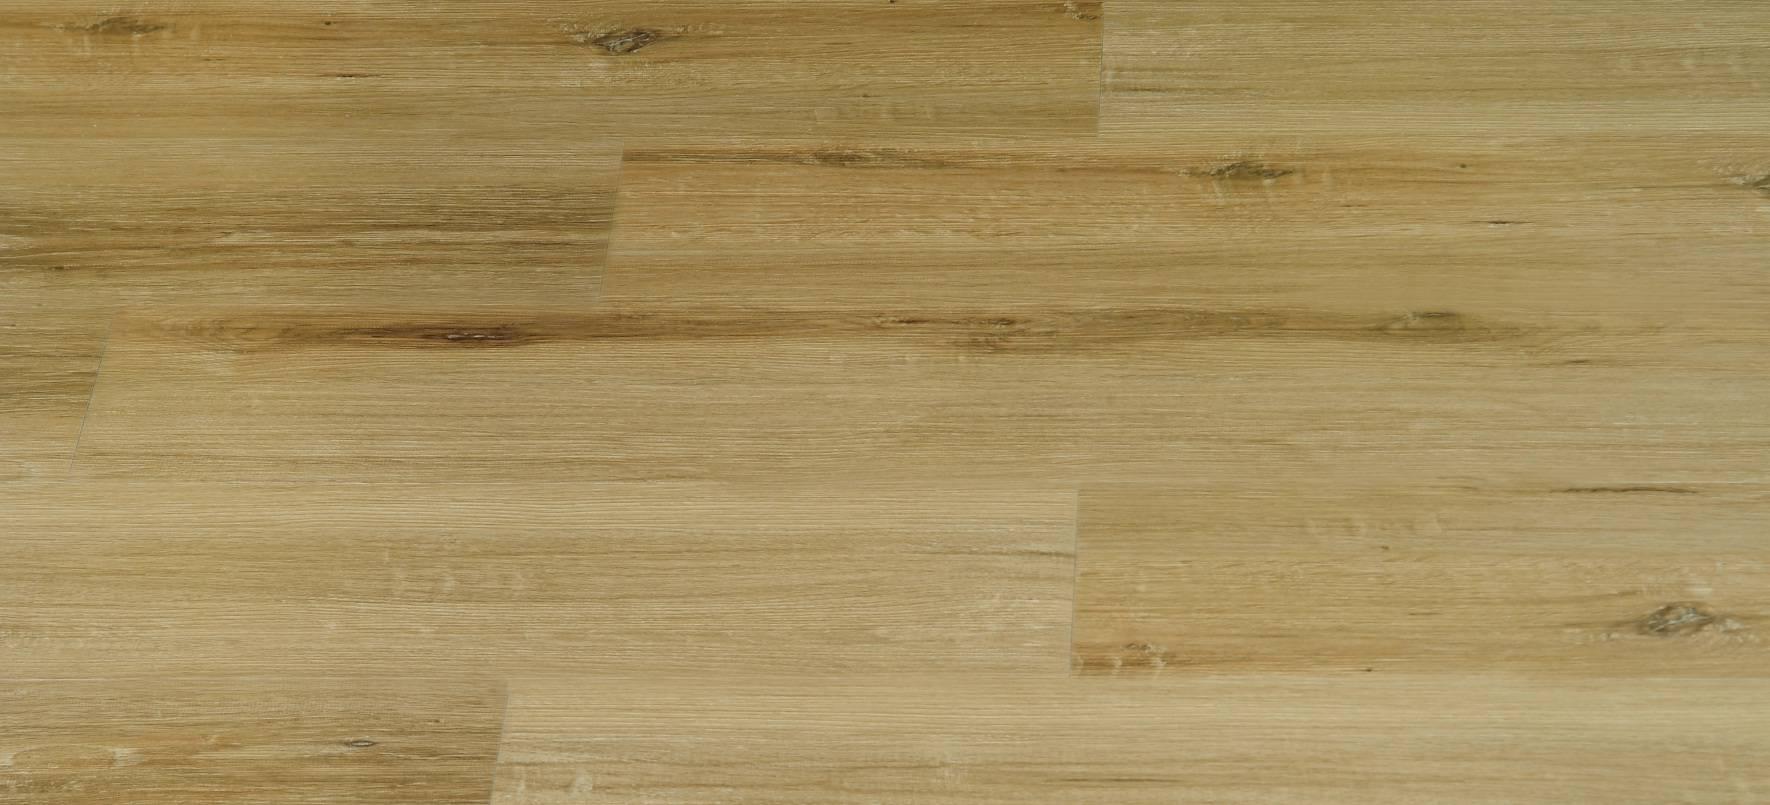 Unideco Luxury Vinyl Tile 6061